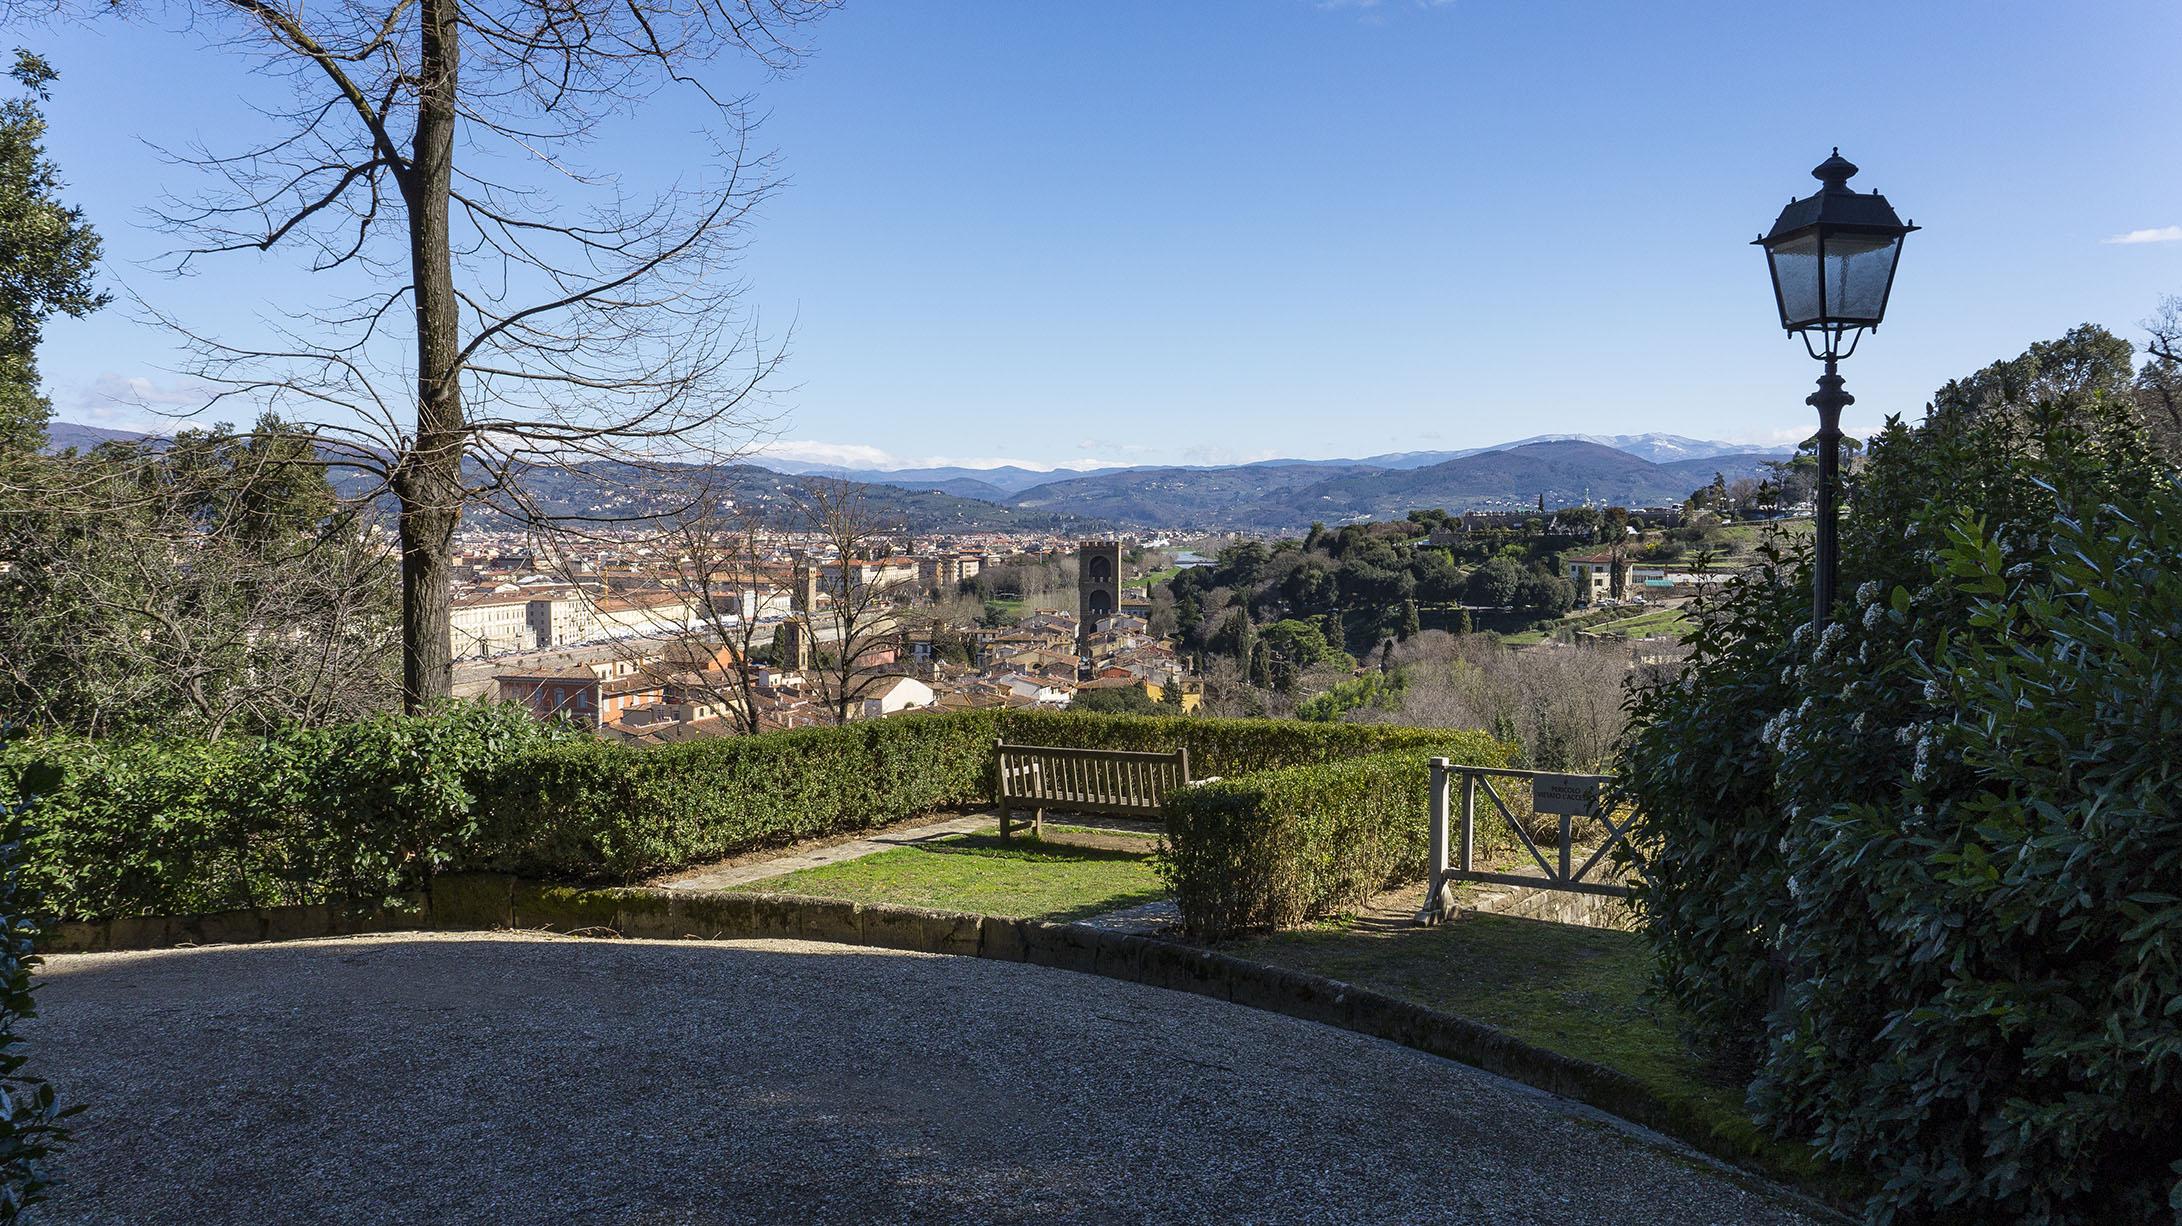 Достопримечательности Флоренции: вилла Бардини